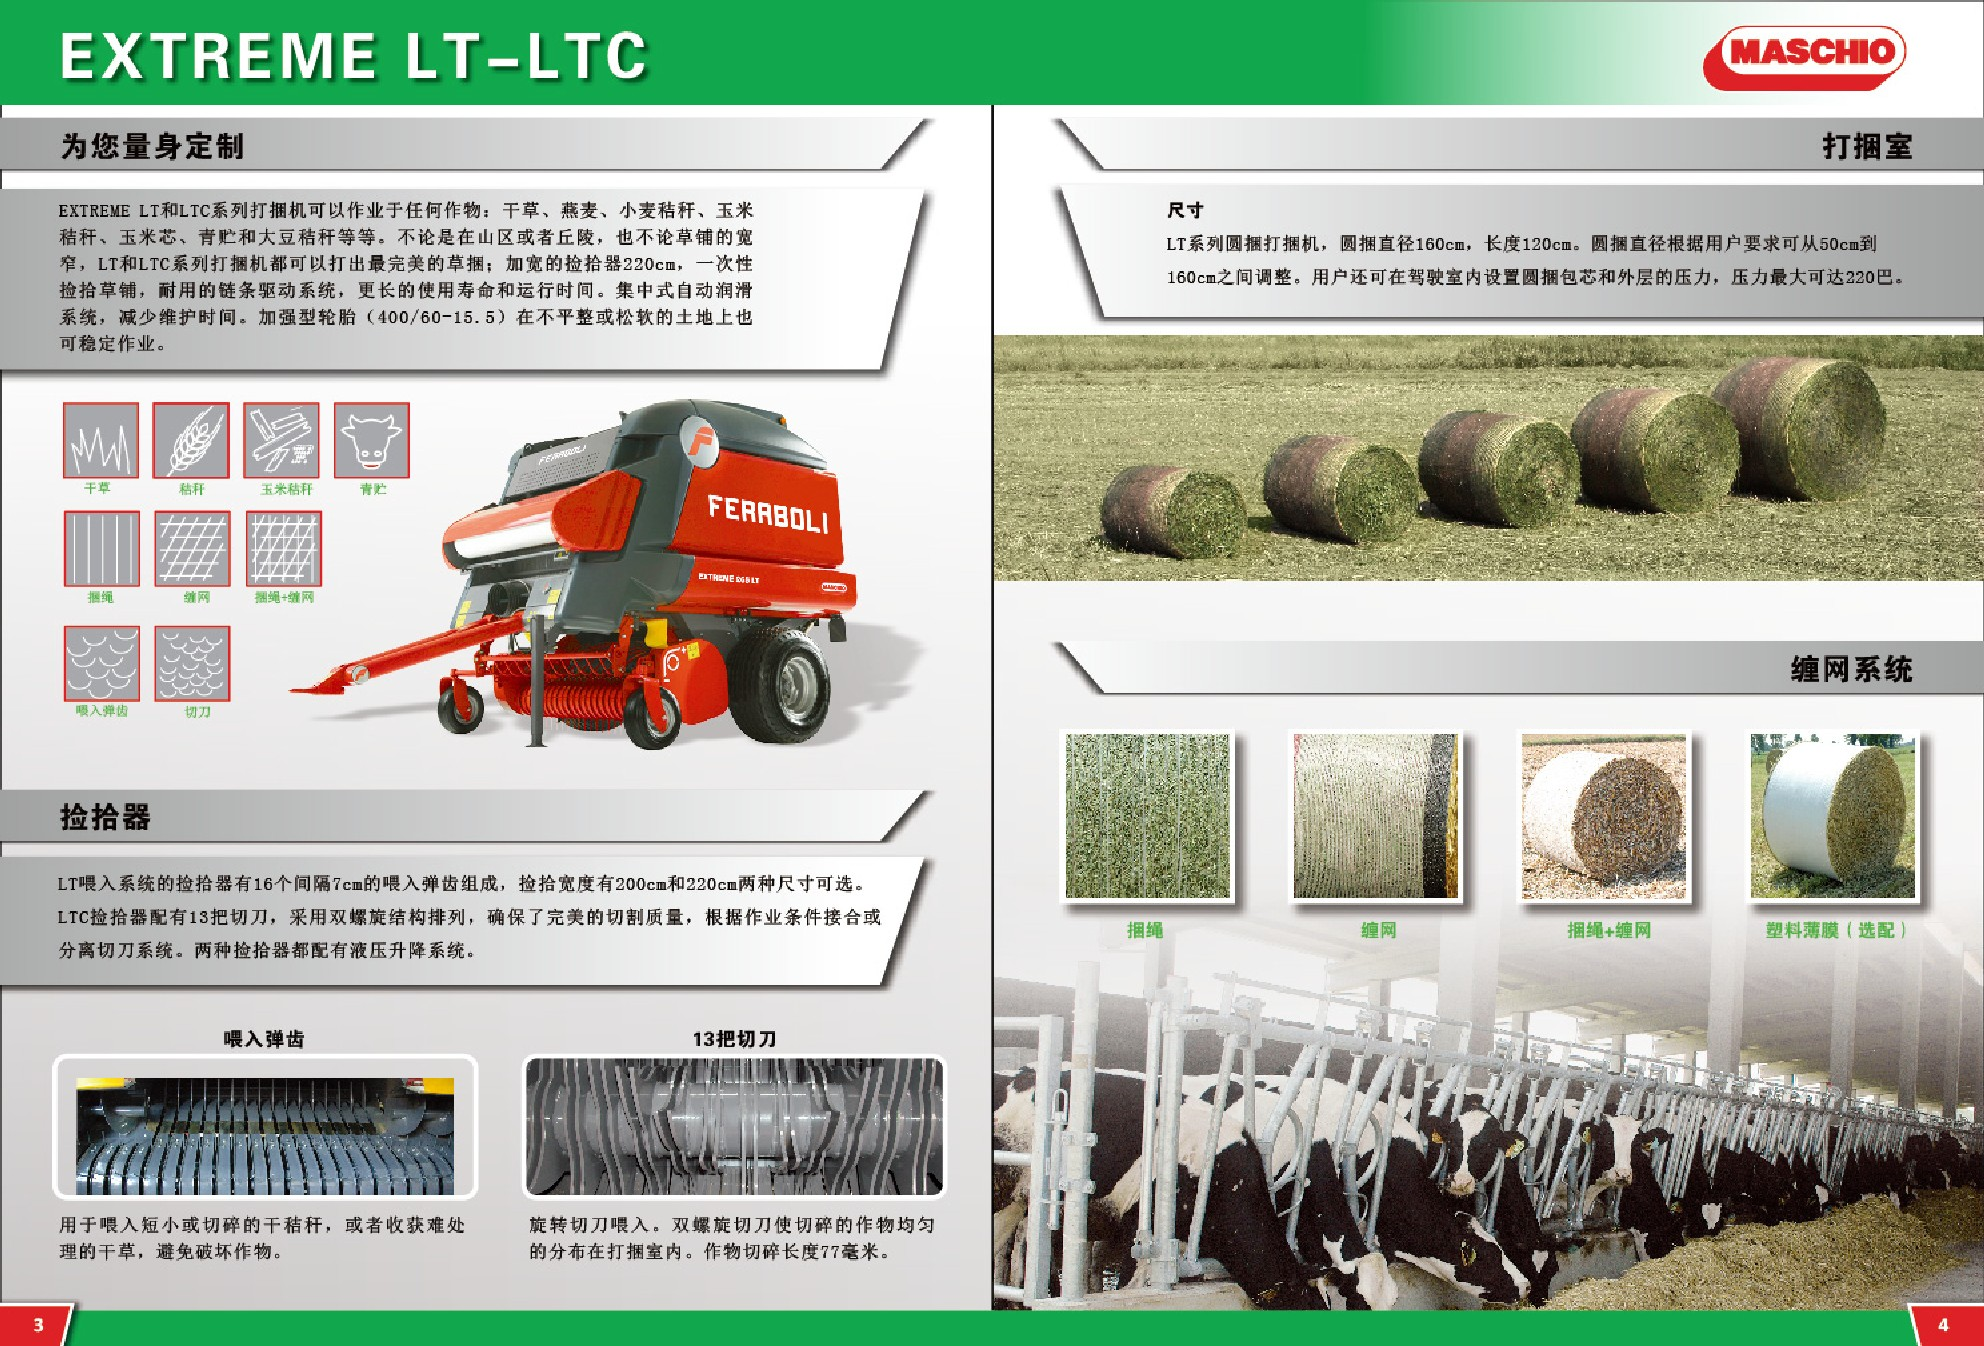 EXTREME 265 LT-LTC(变径圆捆打捆机)